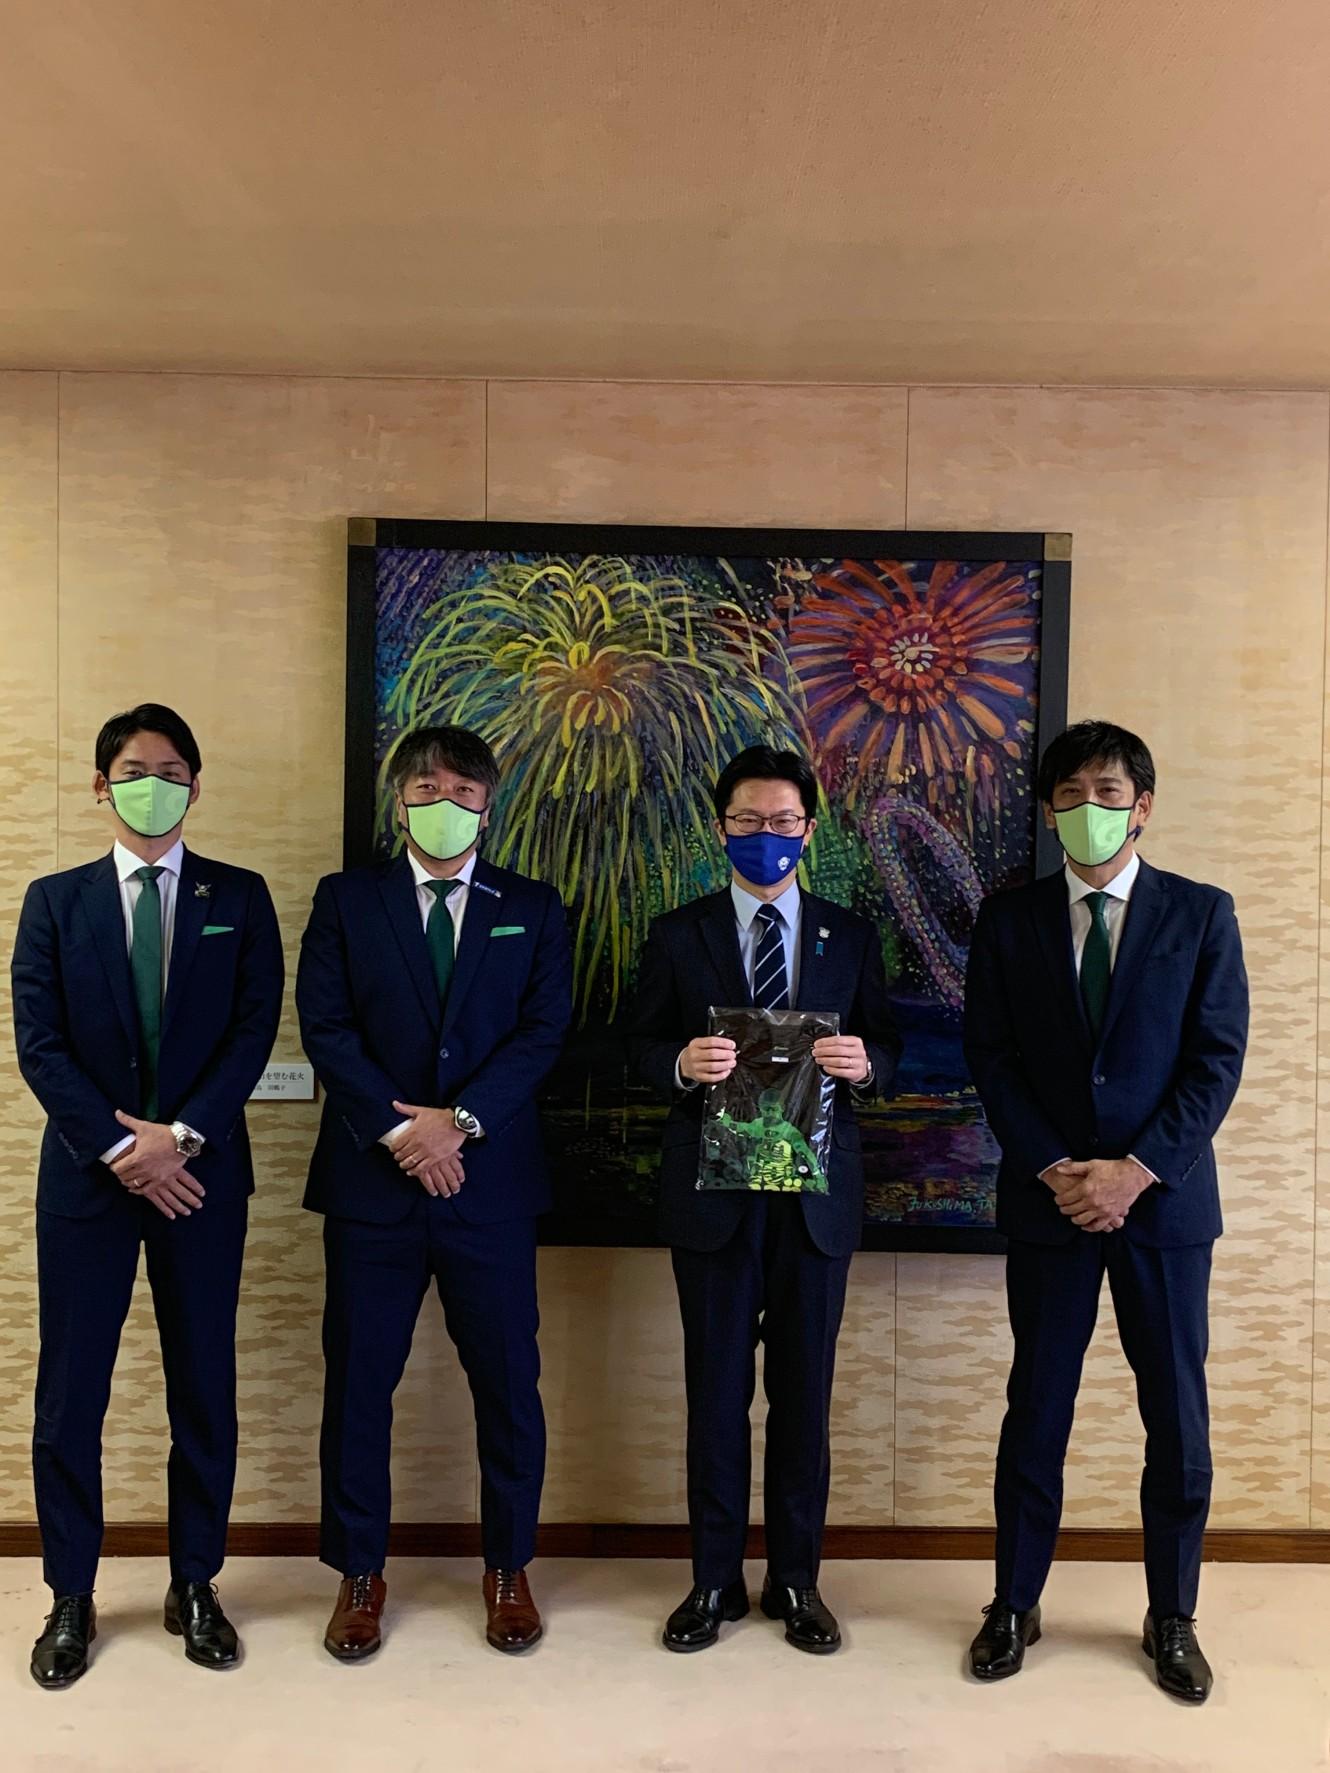 ガイナーレ鳥取市長表敬訪問